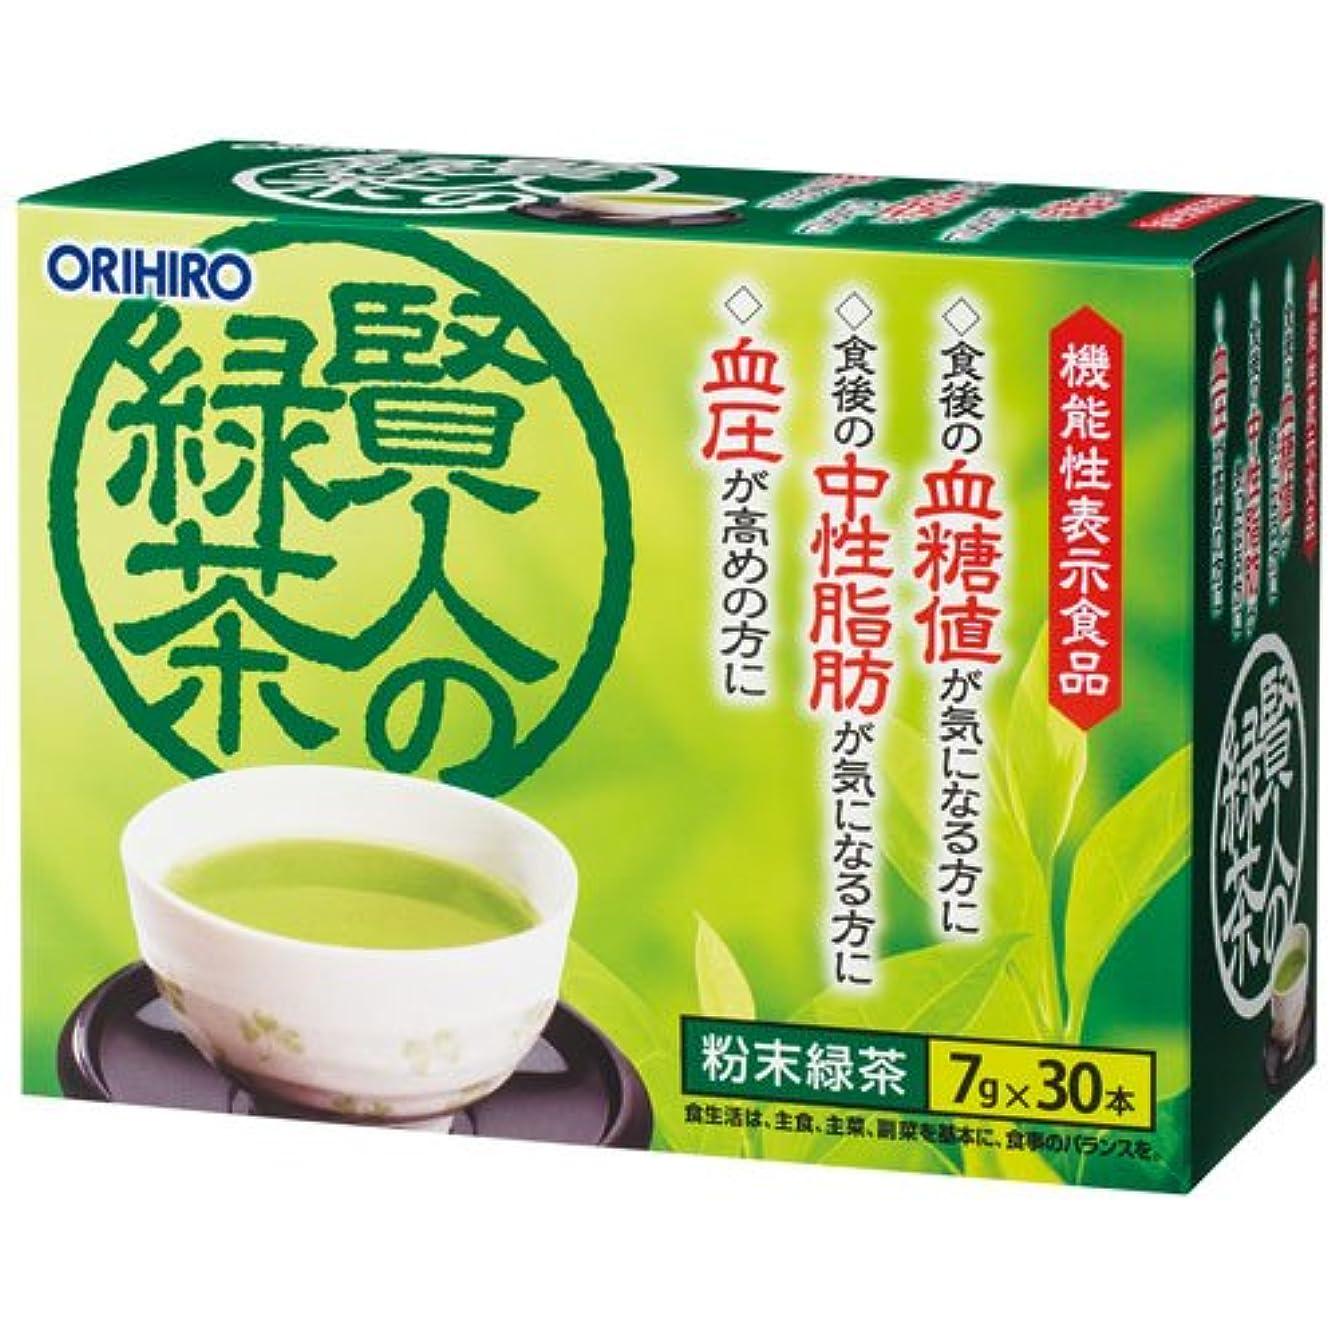 ブラウザ男らしいタービンオリヒロ 賢人の緑茶 7g×30包×6個セット